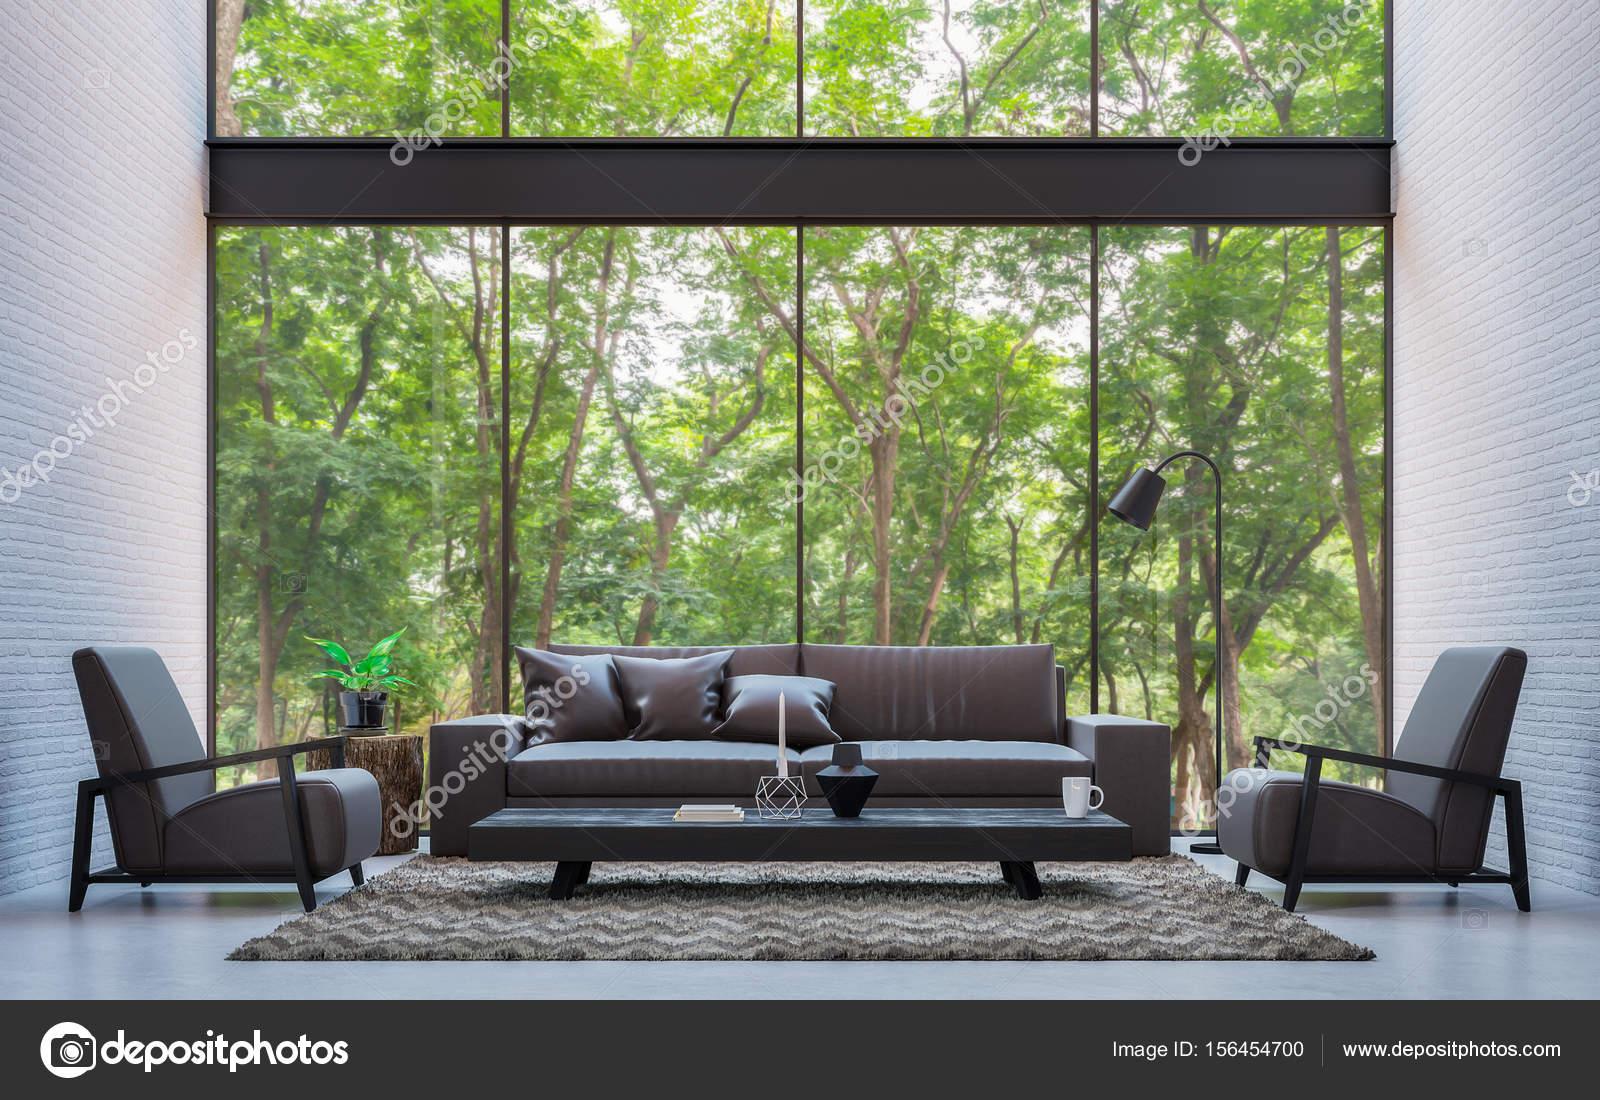 Moderno loft salón con renderizado 3d de vistas de naturaleza — Foto ...